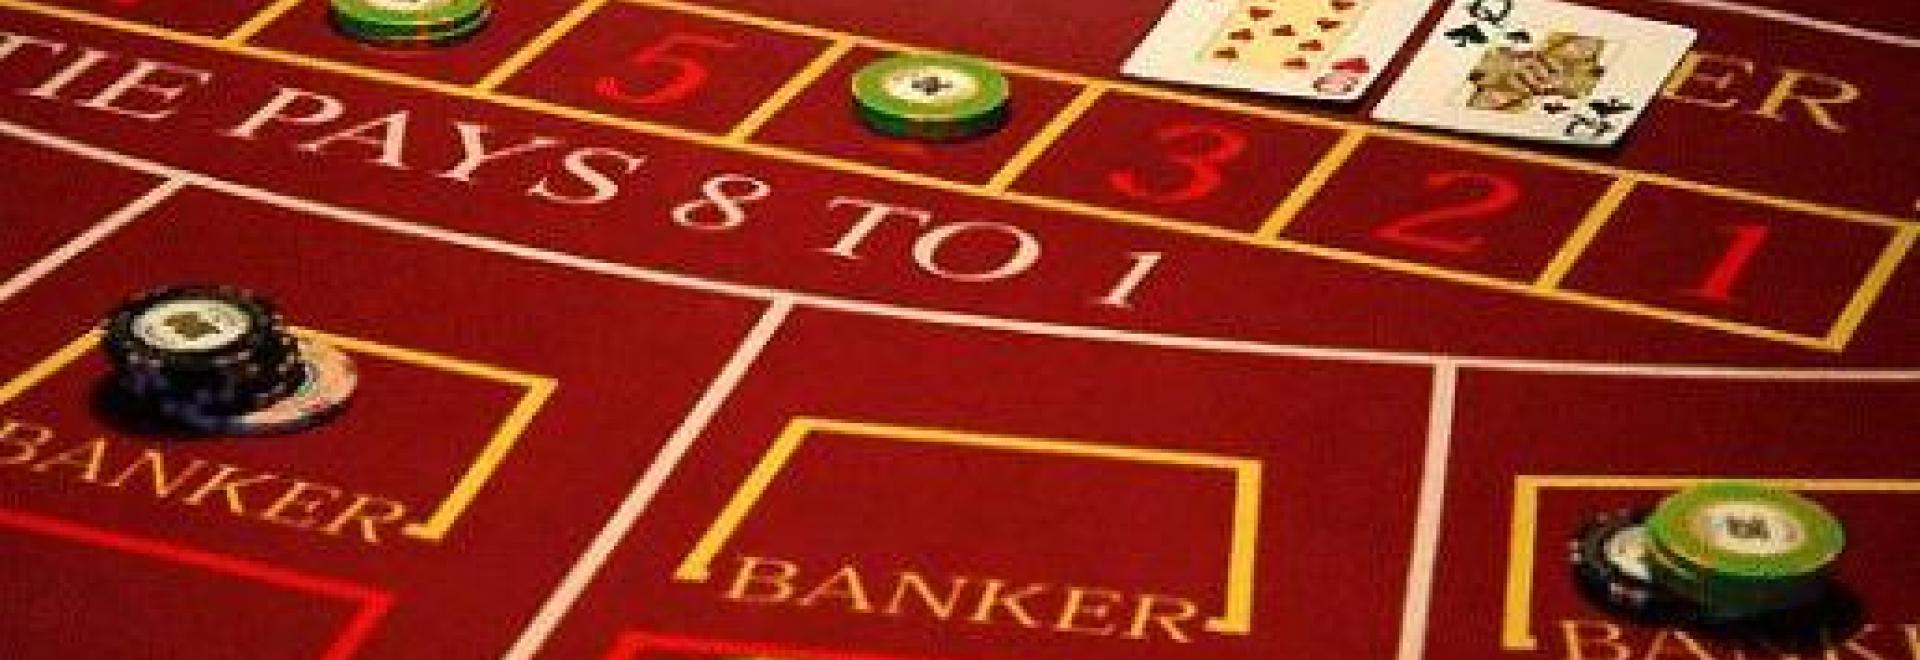 007 Casino Night